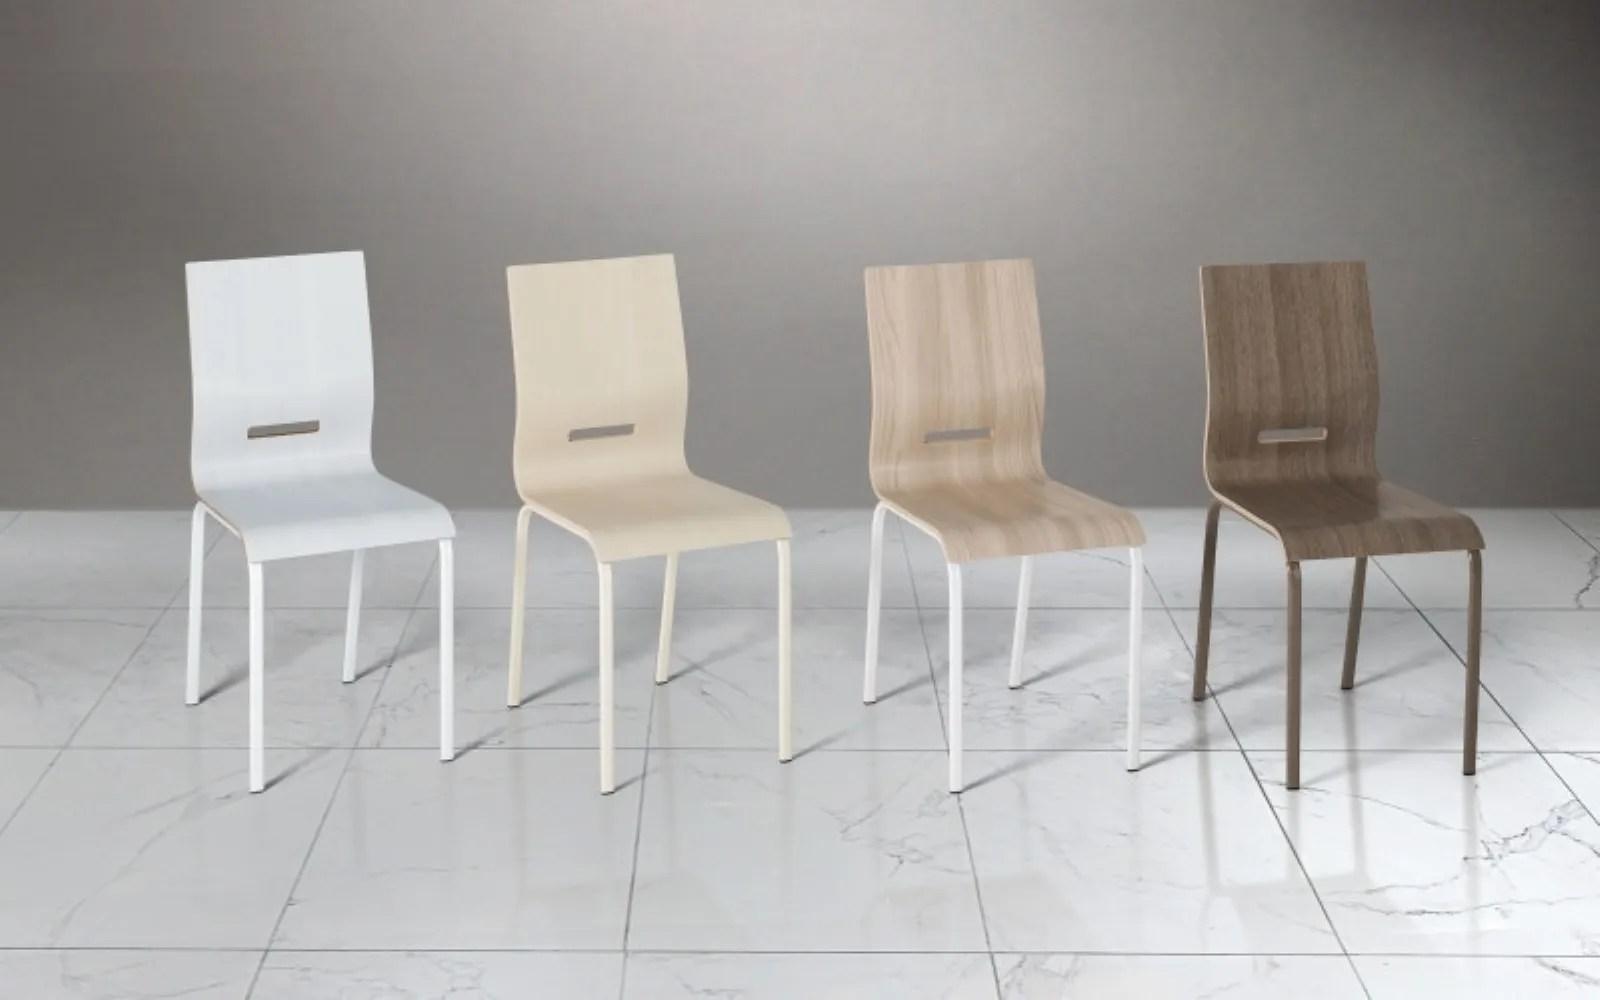 Metro ha selezionato per i suoi clienti una ricca proposta di sedie in legno , metallo e resina che risponde ai più elevati standard di qualità. Sedie Mondo Convenienza Prezzi Bassi E Buona Qualita